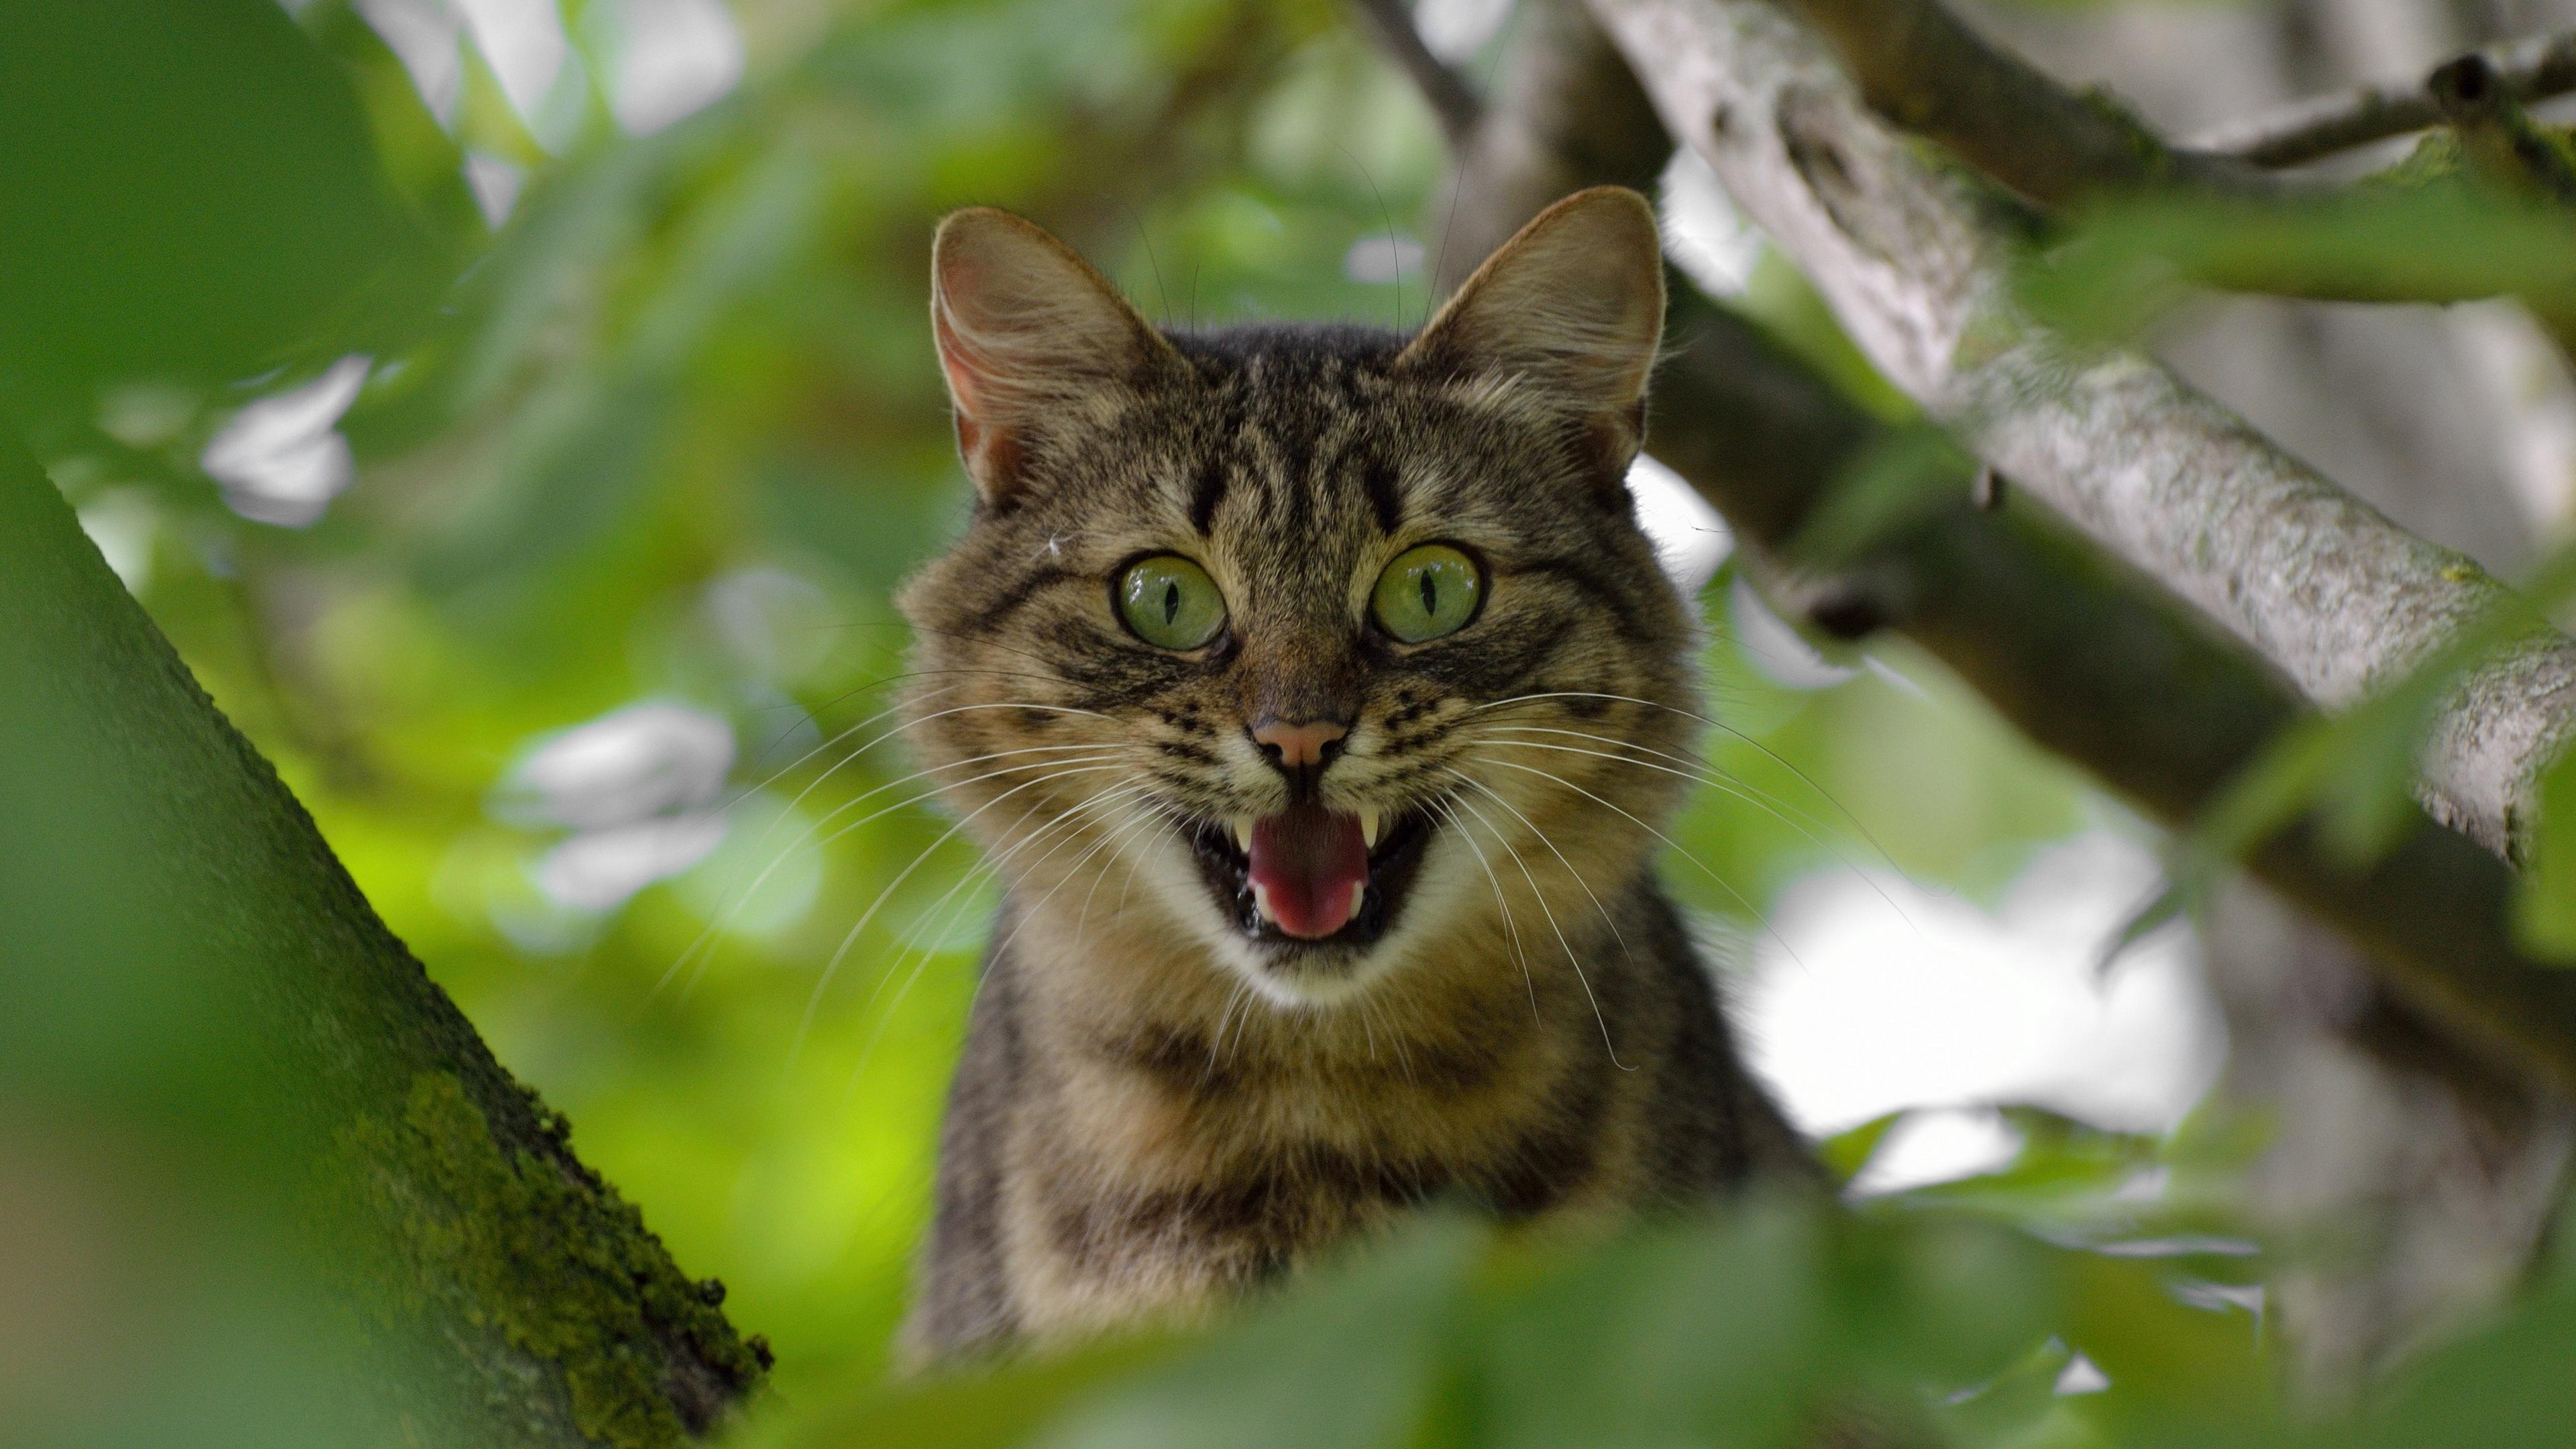 cat face scream tree 4k 1542242735 - cat, face, scream, tree 4k - scream, Face, Cat